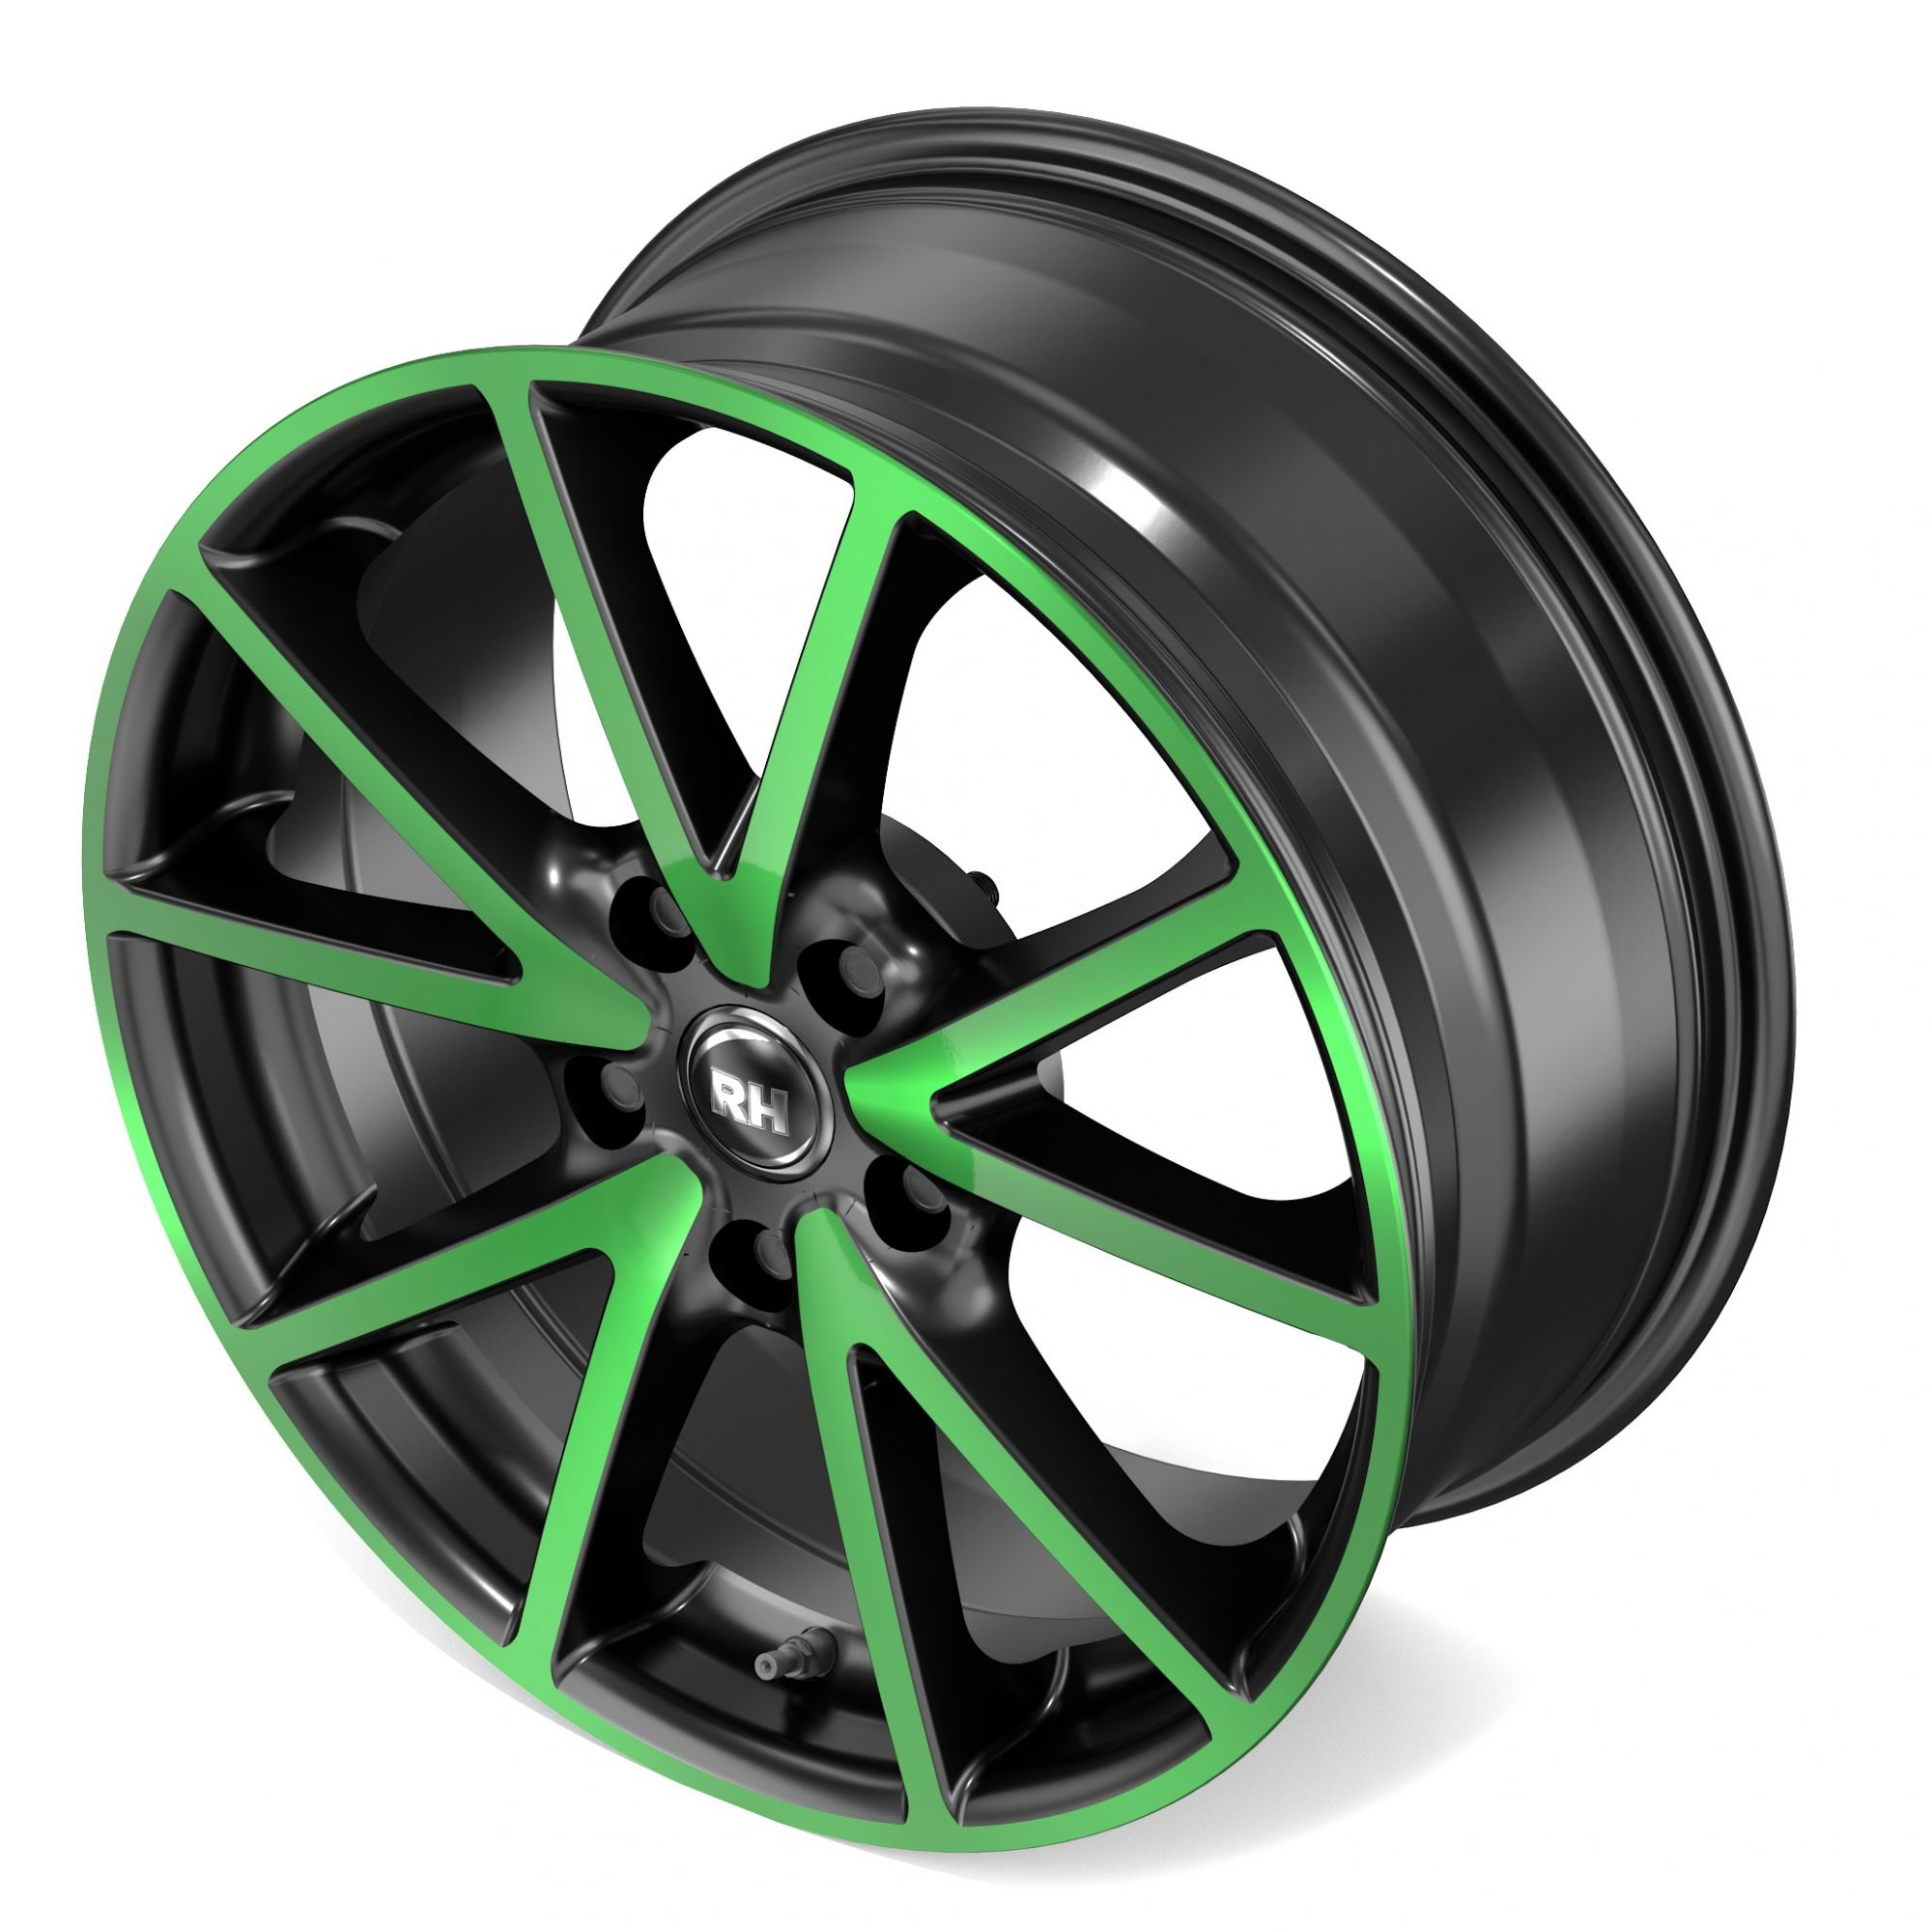 rh alurad de sports felgen color polished green gr n. Black Bedroom Furniture Sets. Home Design Ideas